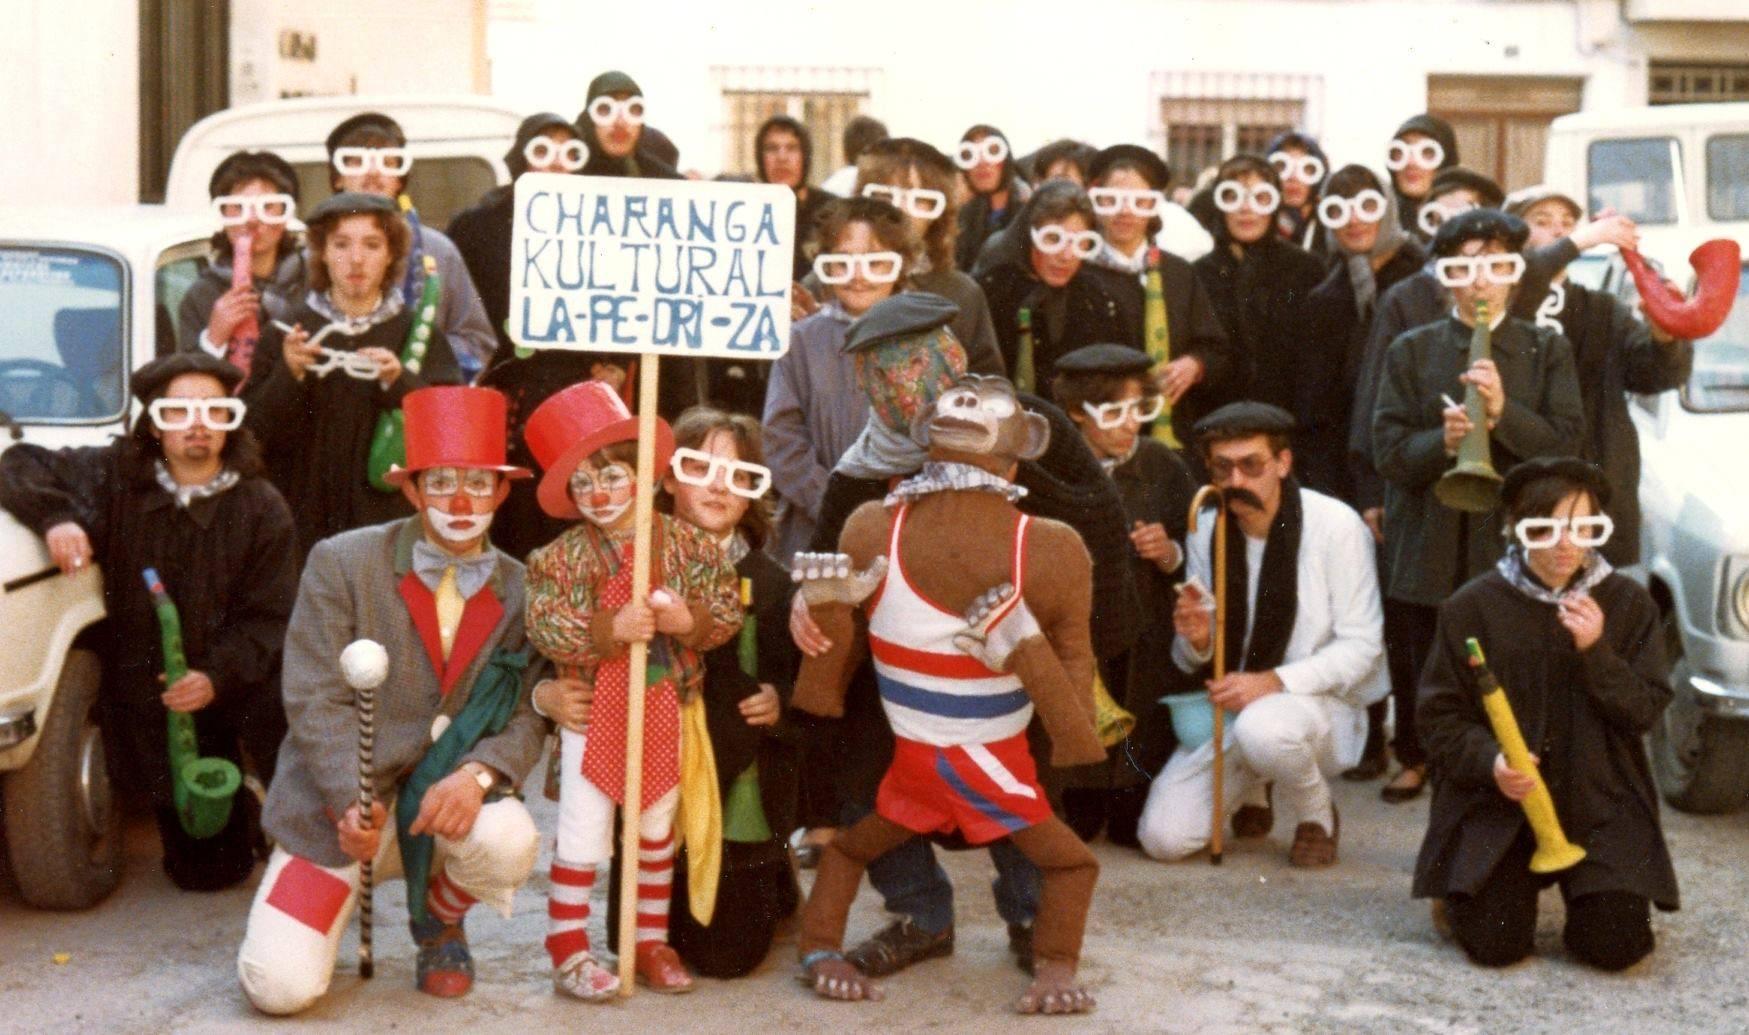 Seguimos con la historia del Carnaval de Herencia a través de imágenes 16